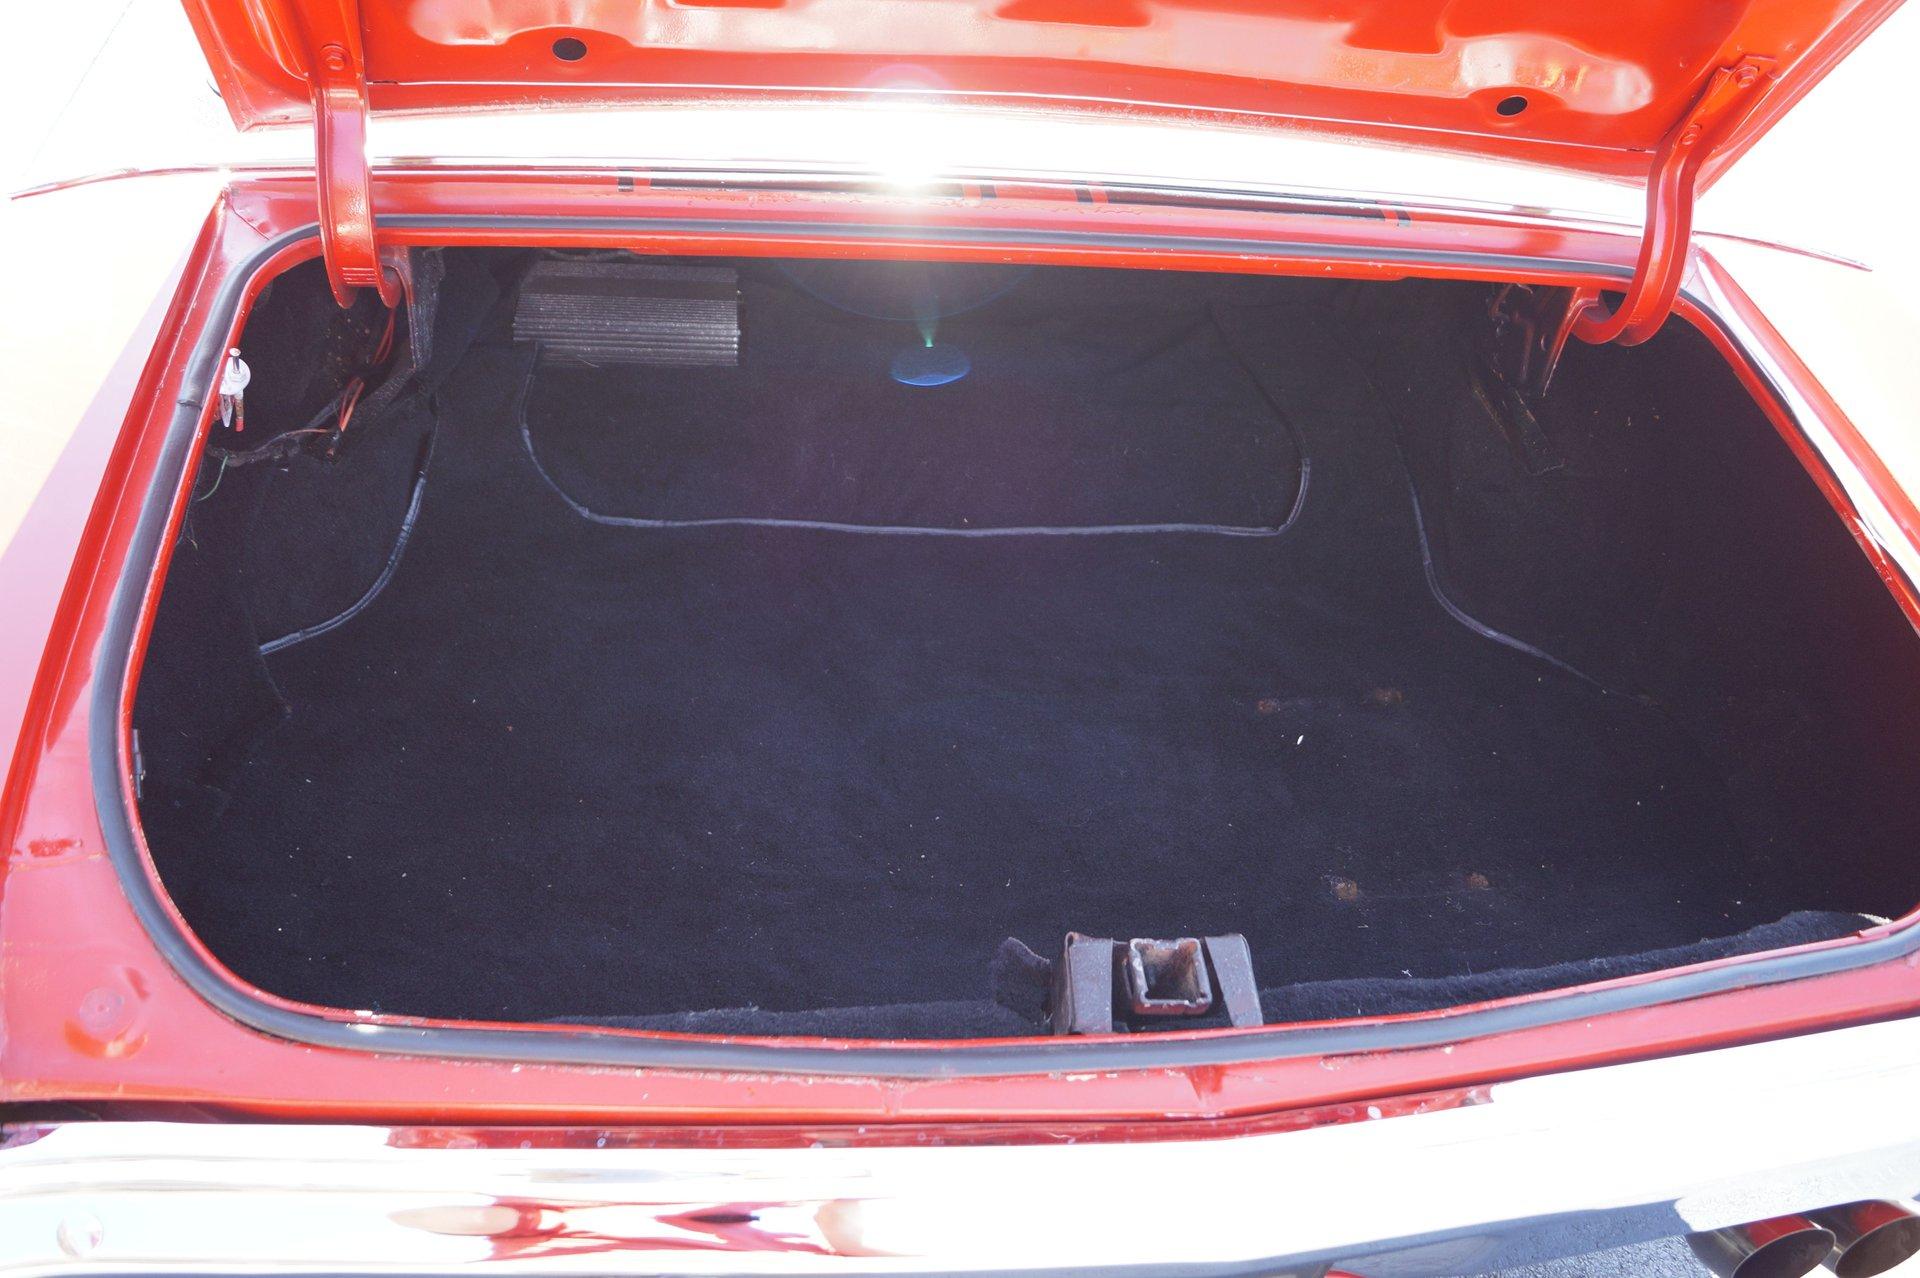 1970 Chevrolet Malibu